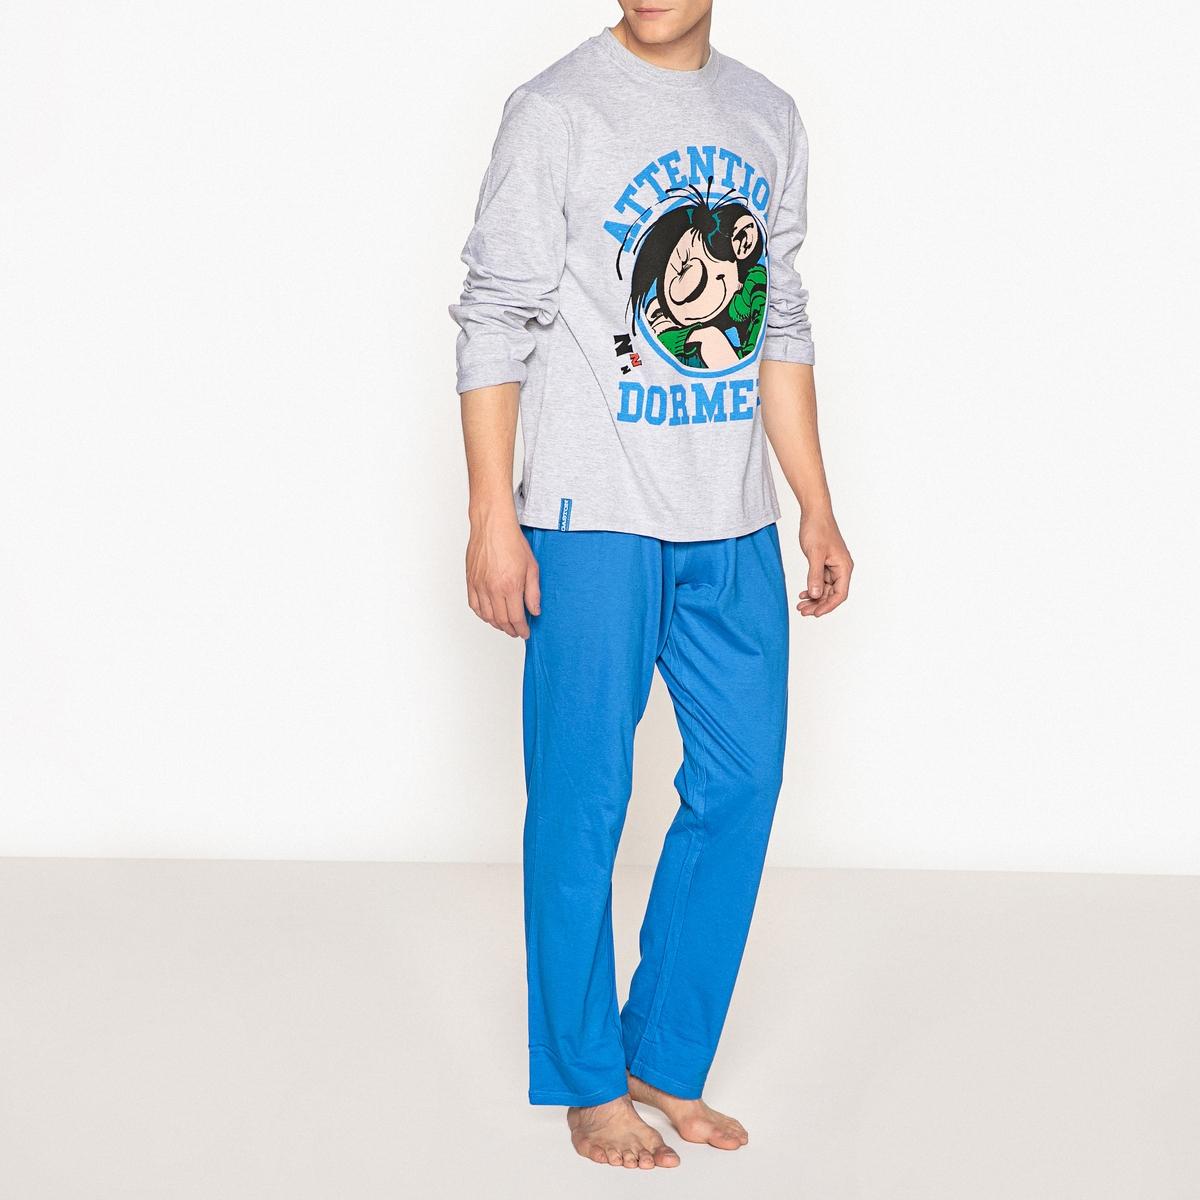 Пижама из хлопка с длинными рукавами, Gaston Lagaffe